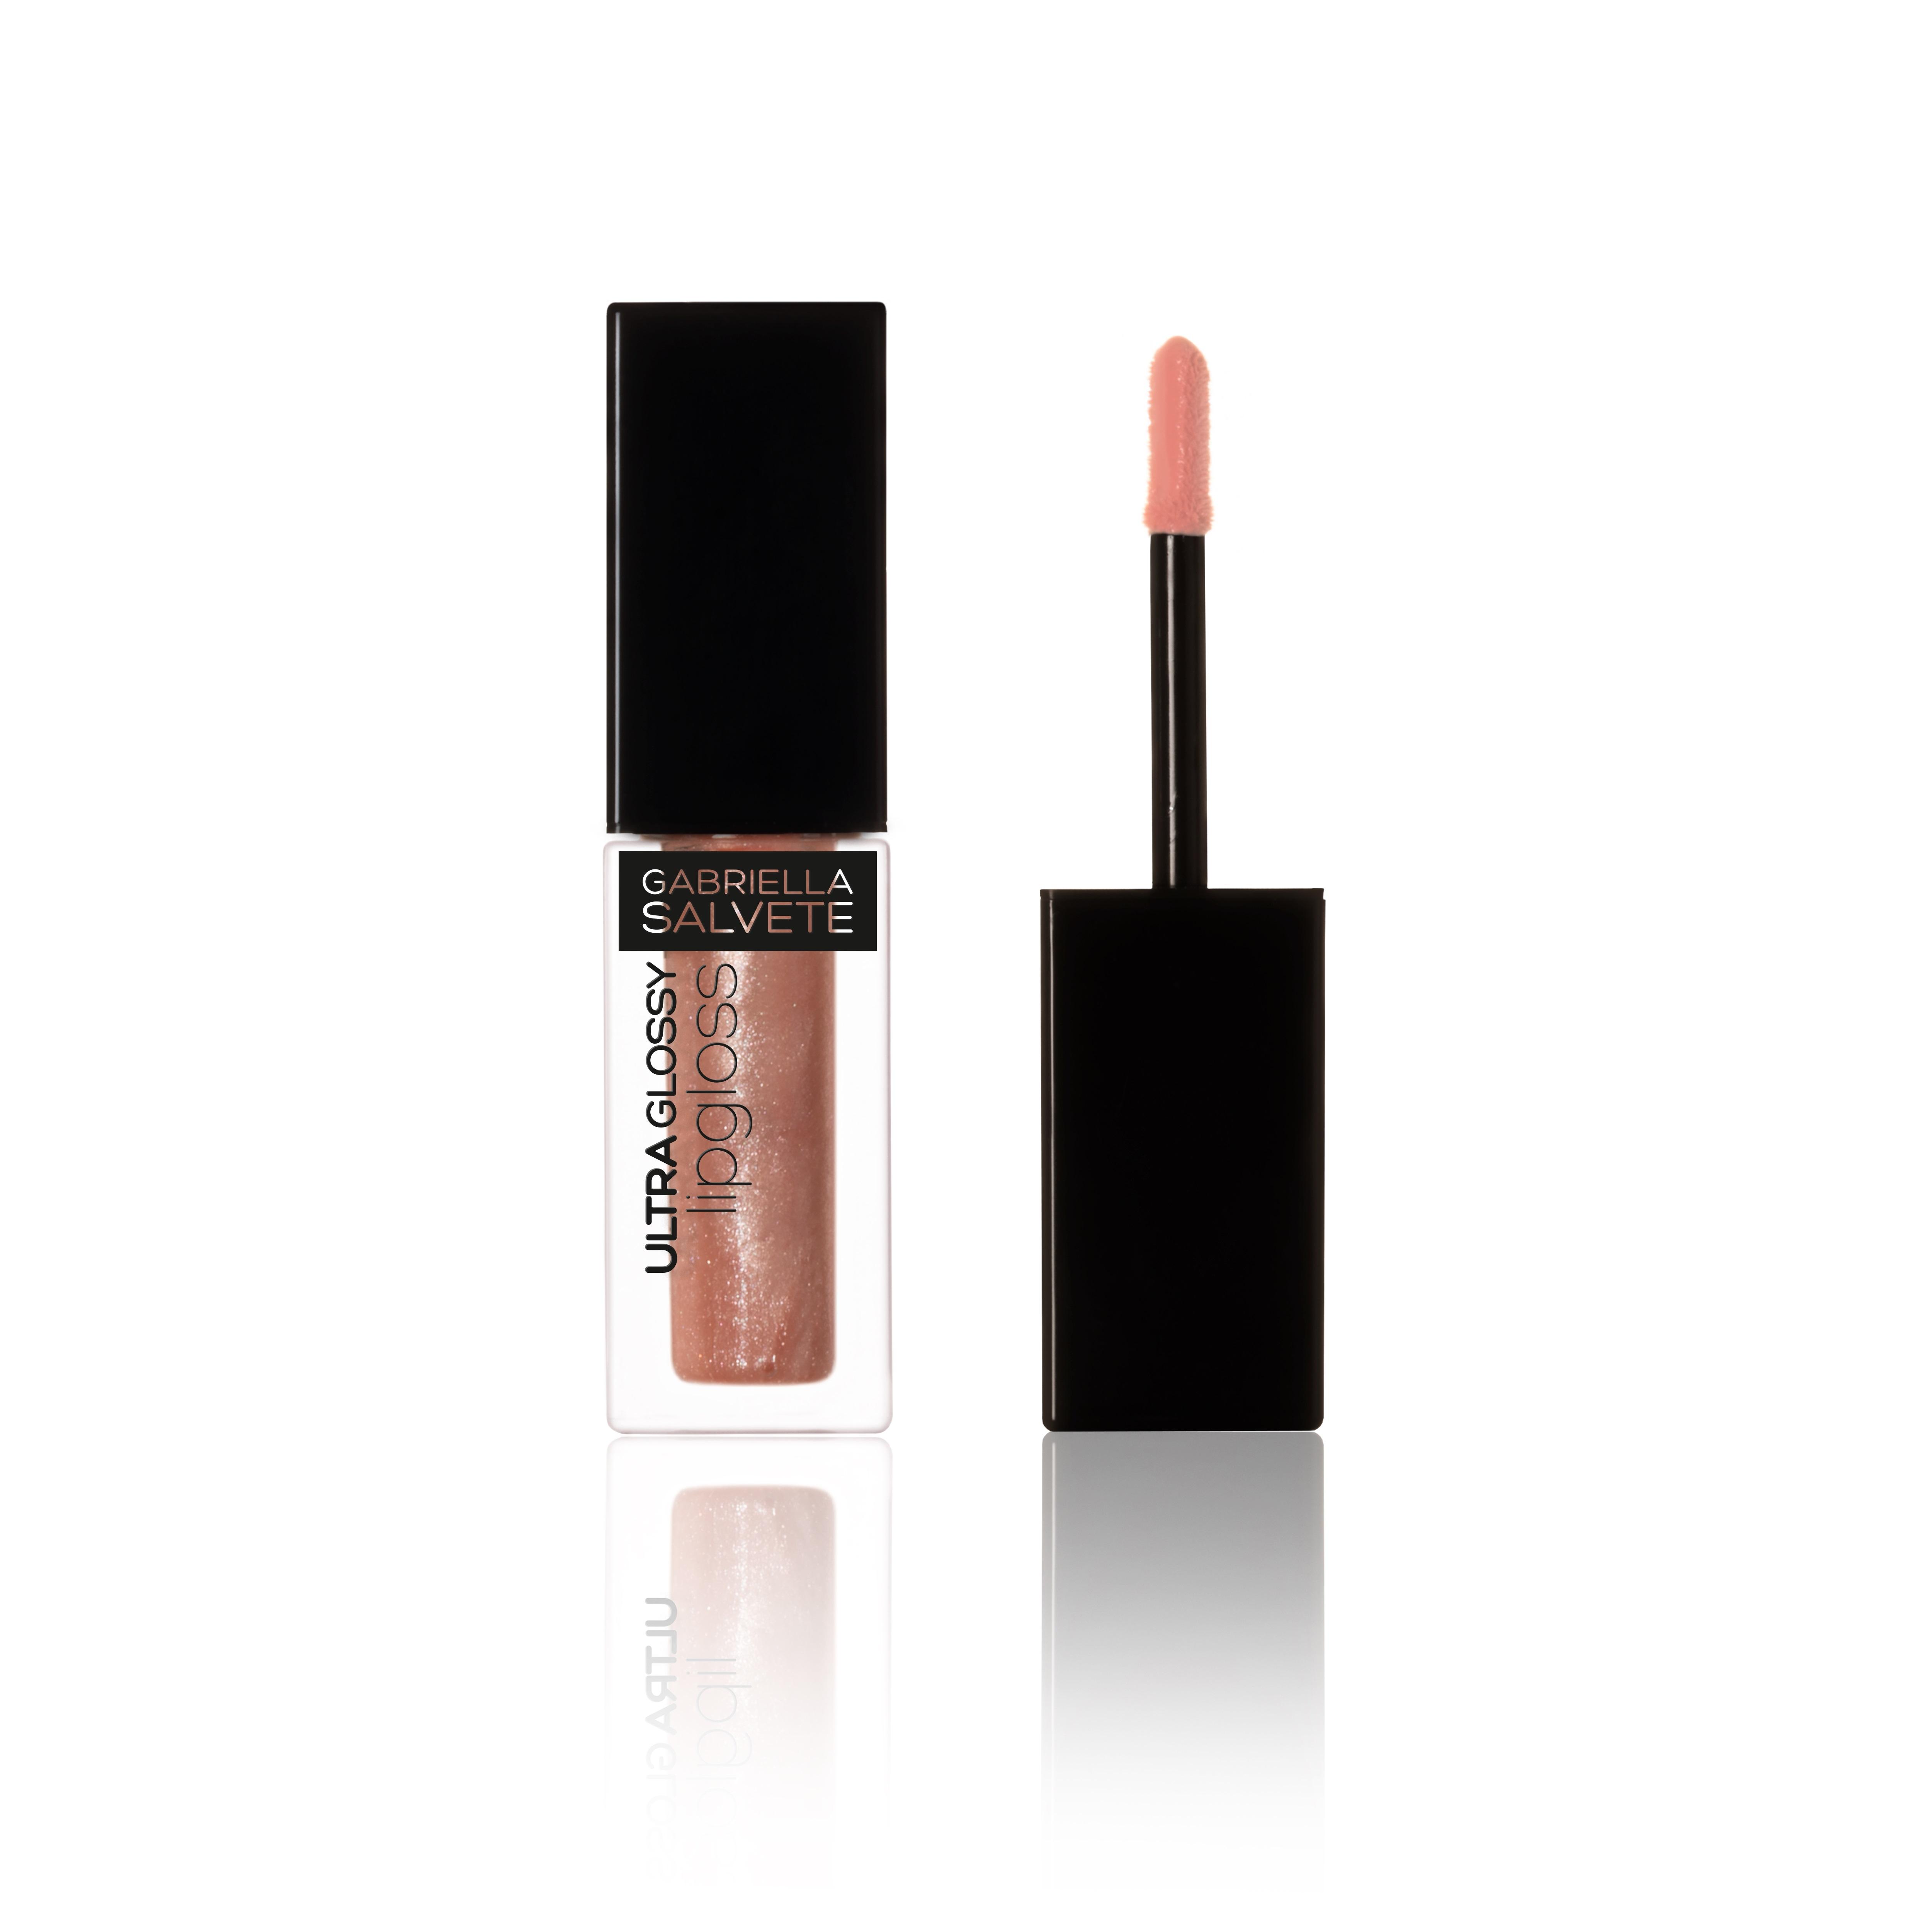 Gabriella Salvete Ultra Glossy Lipgloss Lesk na rty Odstín: 01 s třpytkami růžová 4 ml